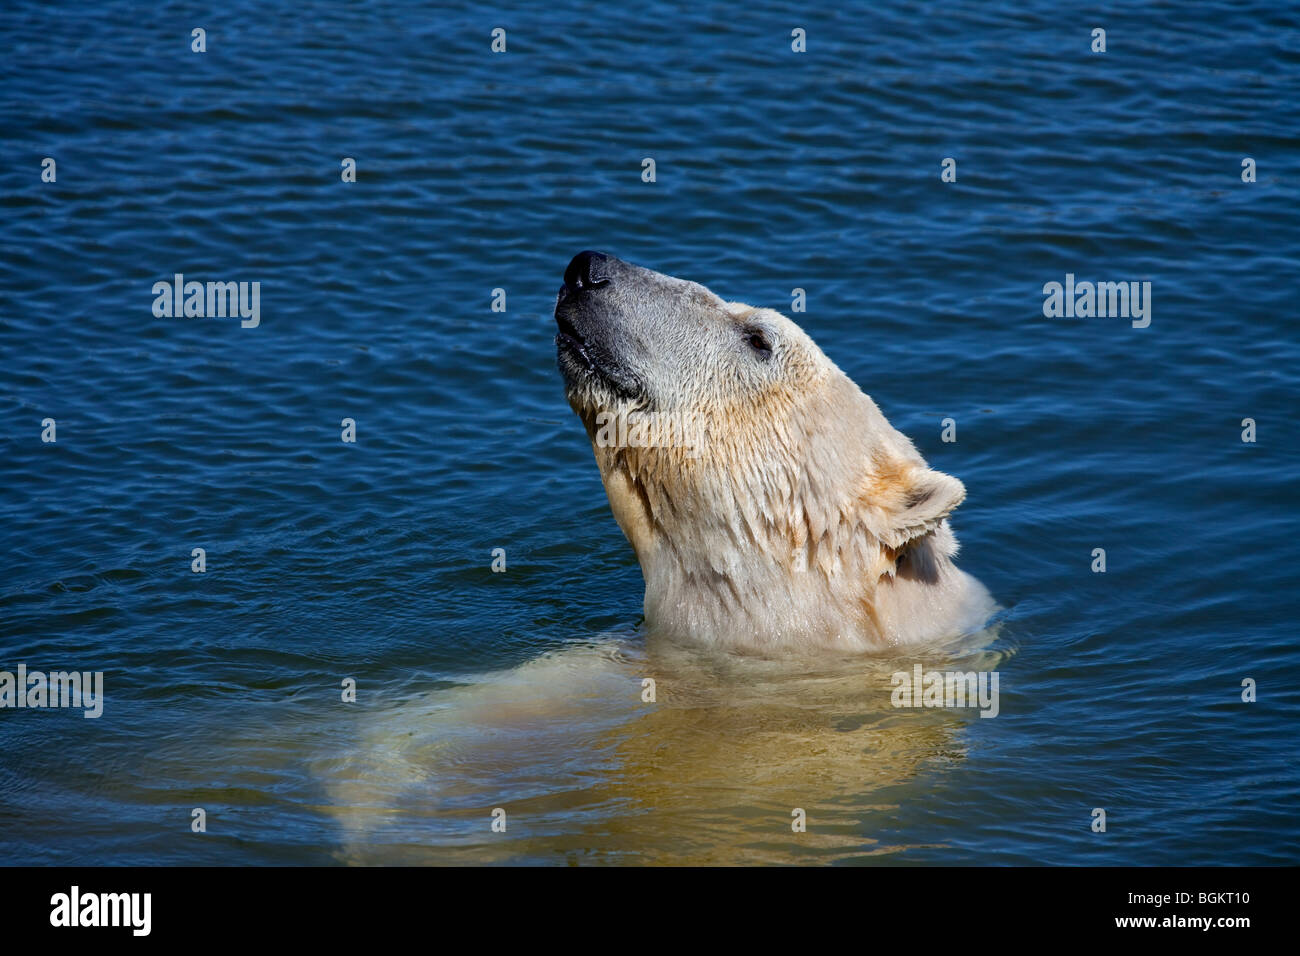 Polar bear (Ursus maritimus / Thalarctos maritimus) swimming in the sea, Norway - Stock Image